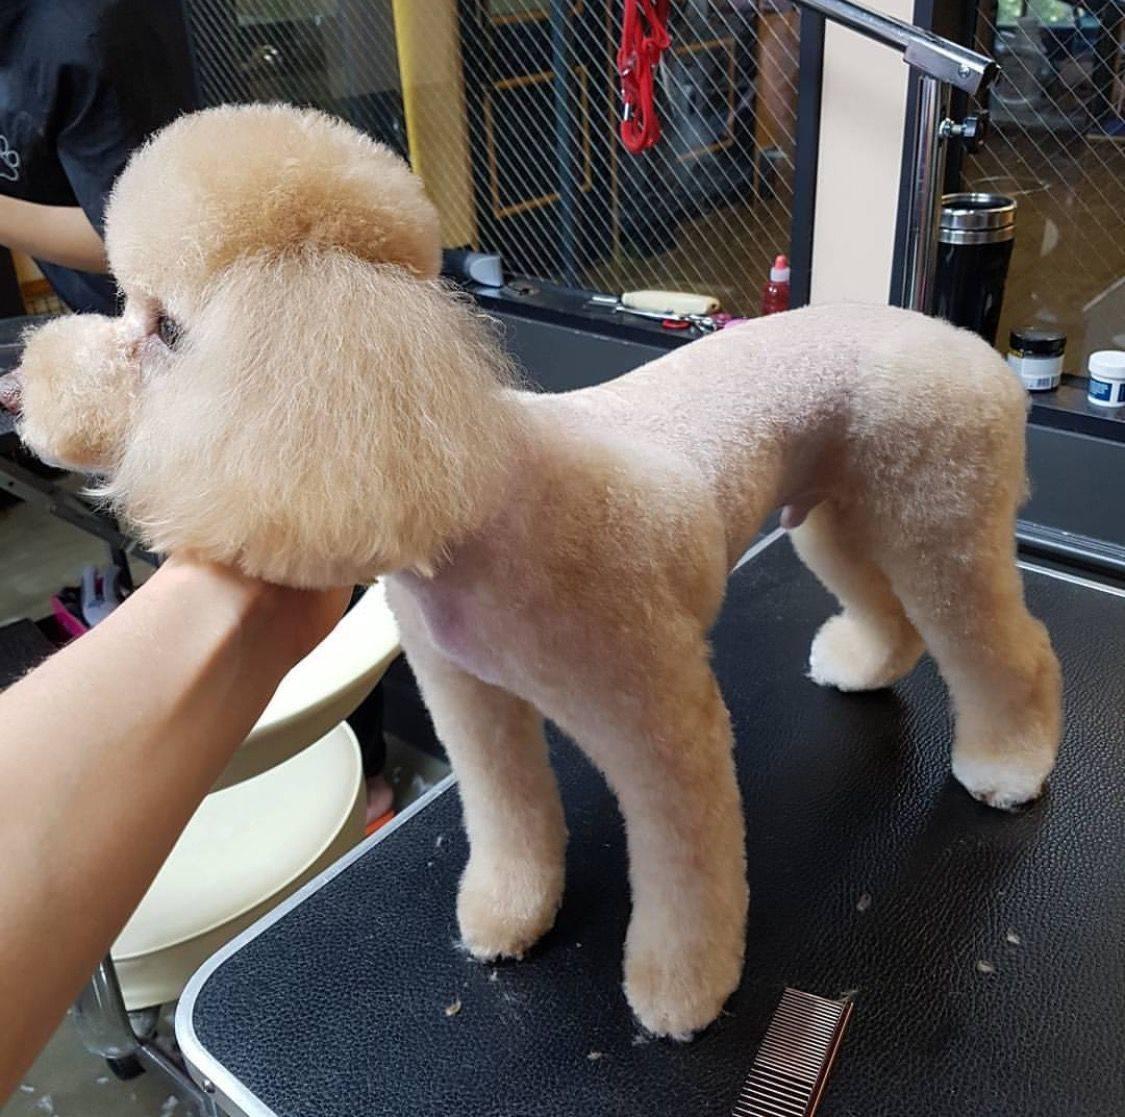 Модели стрижек собак породы мальтезе: как подстричь мальтийскую болонку самому